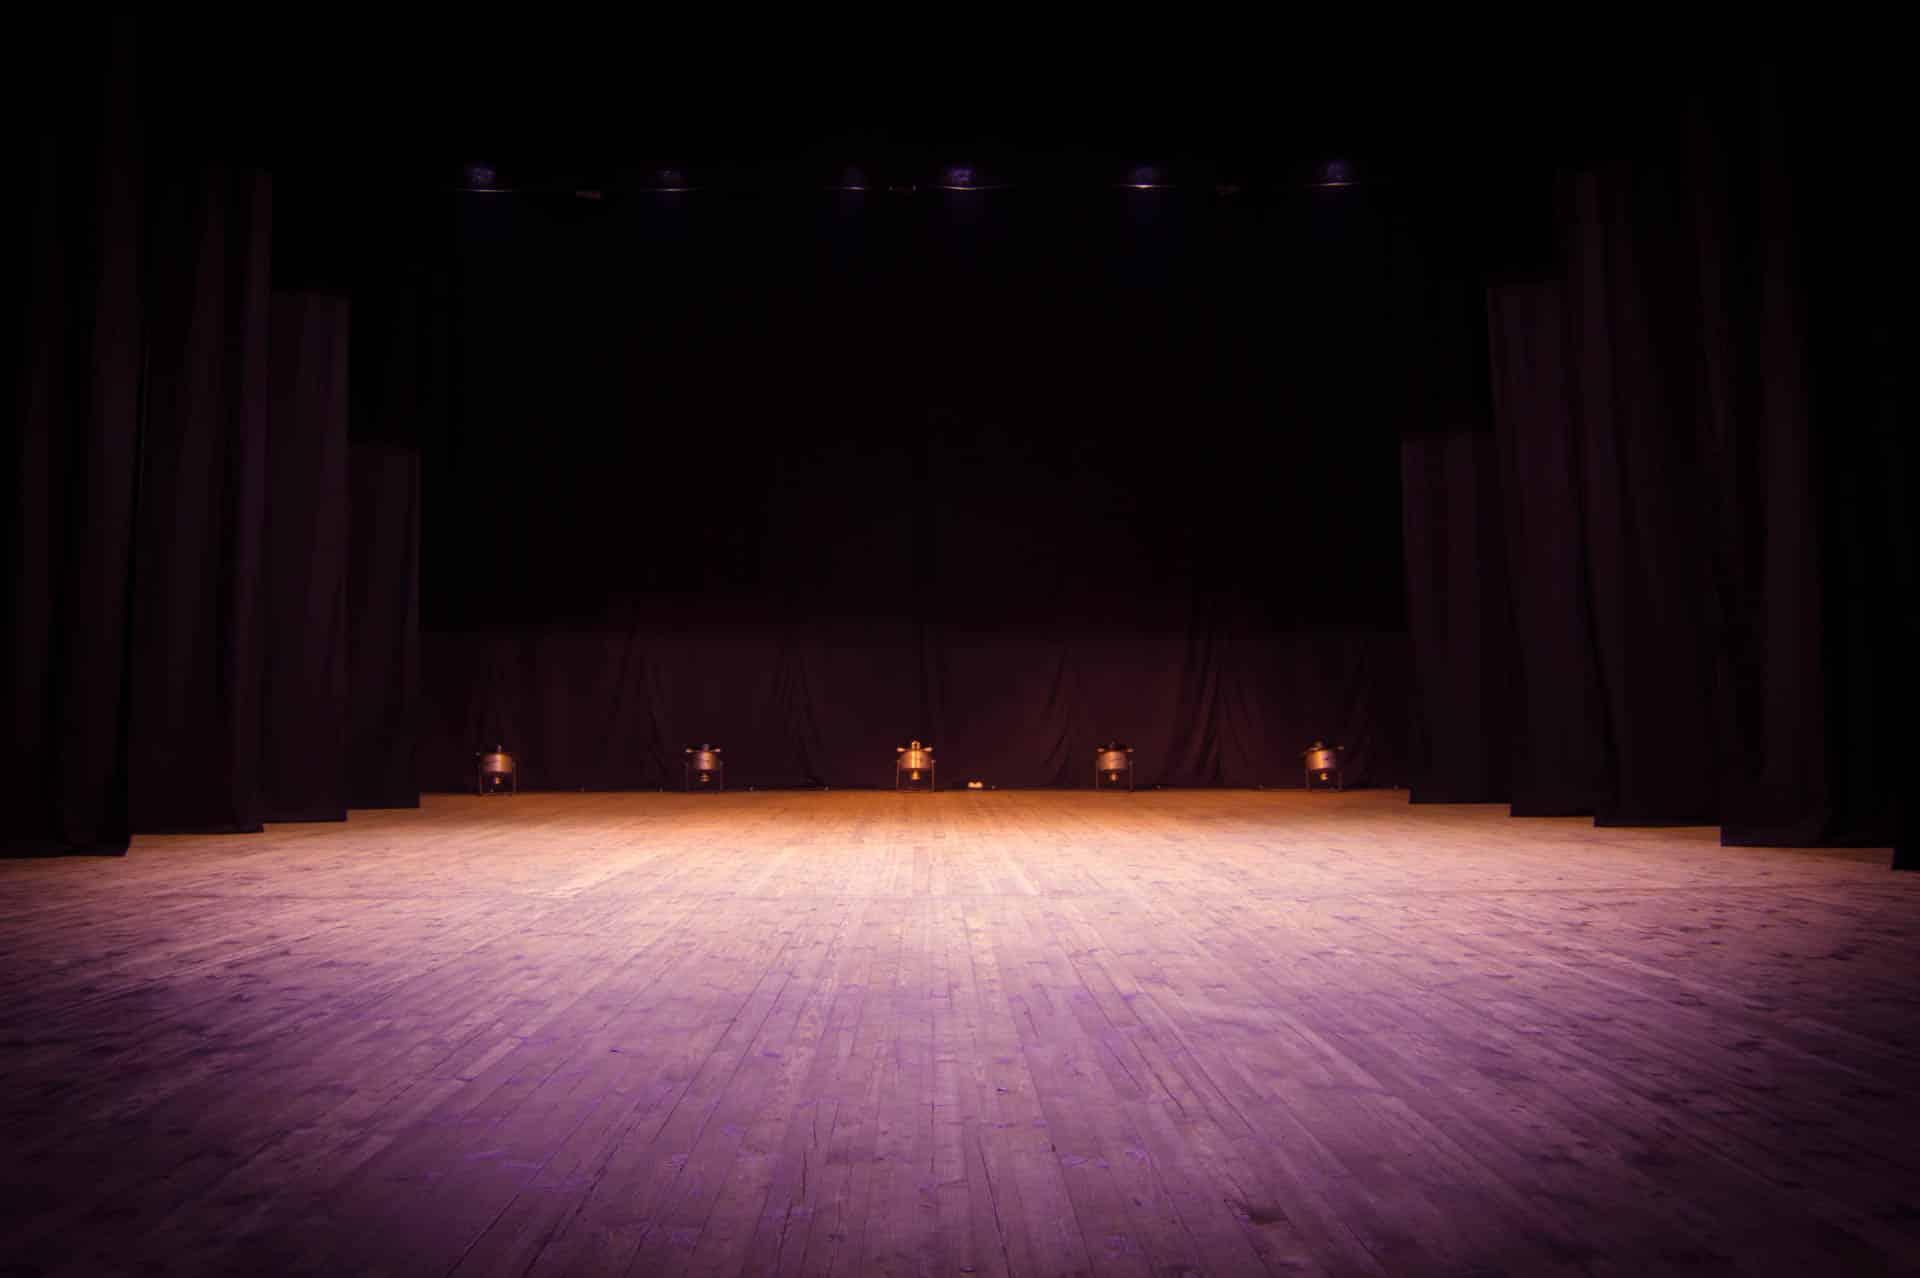 Eine leere Theaterbühne, die vor der Aufführung von Scheinwerfern beleuchtet wird